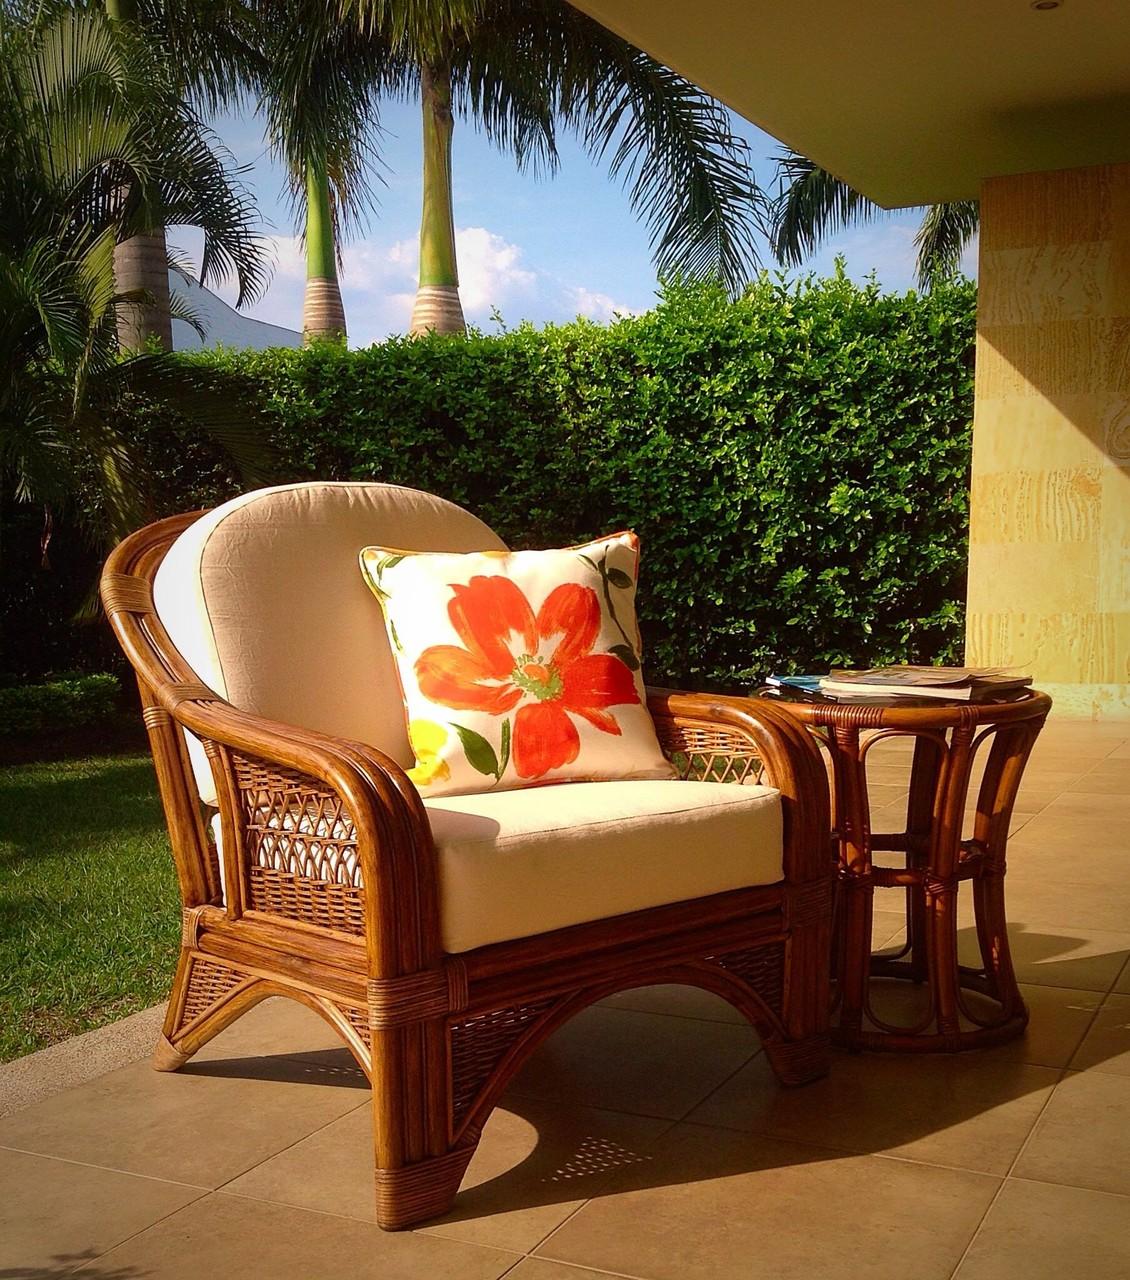 Muebles En Rattan Y Para Exterior Accesorios Rattan Masserati # Muebles Sampues